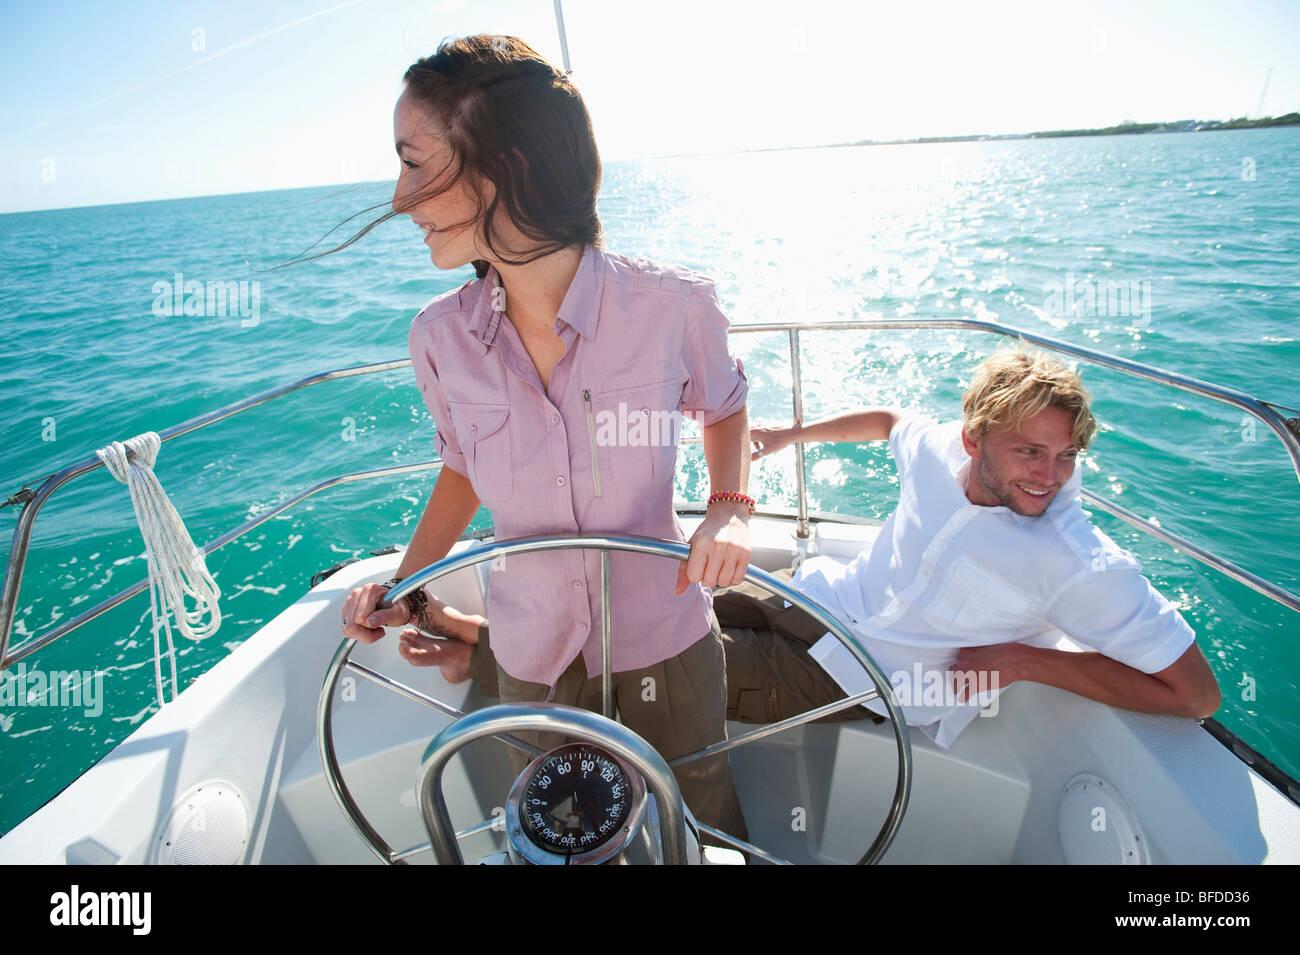 Una mujer piloto una embarcación de Florida, mientras que un hombre se sienta cerca. Foto de stock